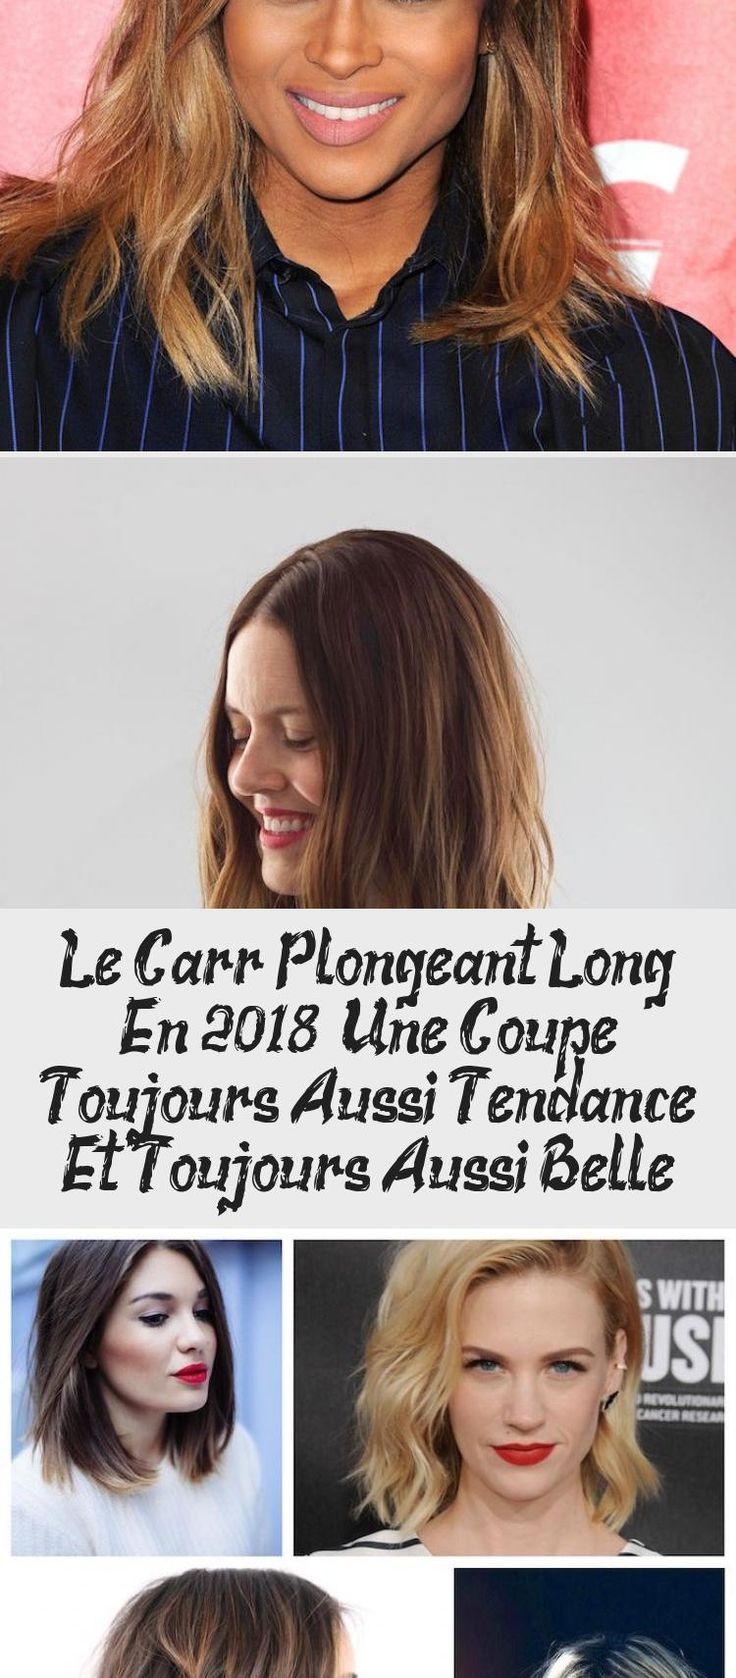 Le Carré Plongeant Long En 2018 - Une Coupe Toujours Aussi Tendance Et Toujours Aussi Belle en ...